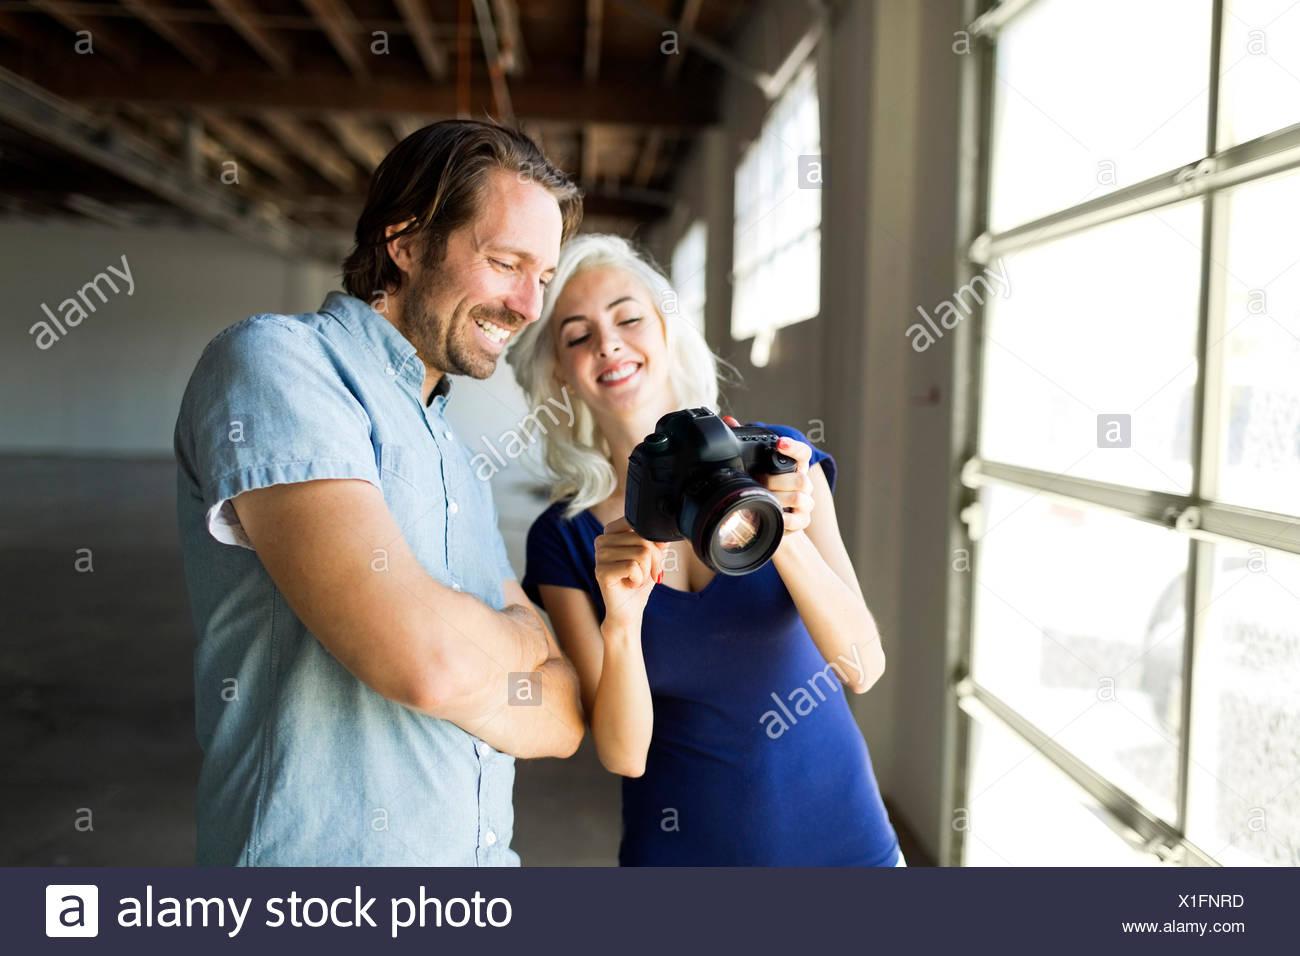 Mujer y hombre mirando las fotos en la cámara digital Imagen De Stock